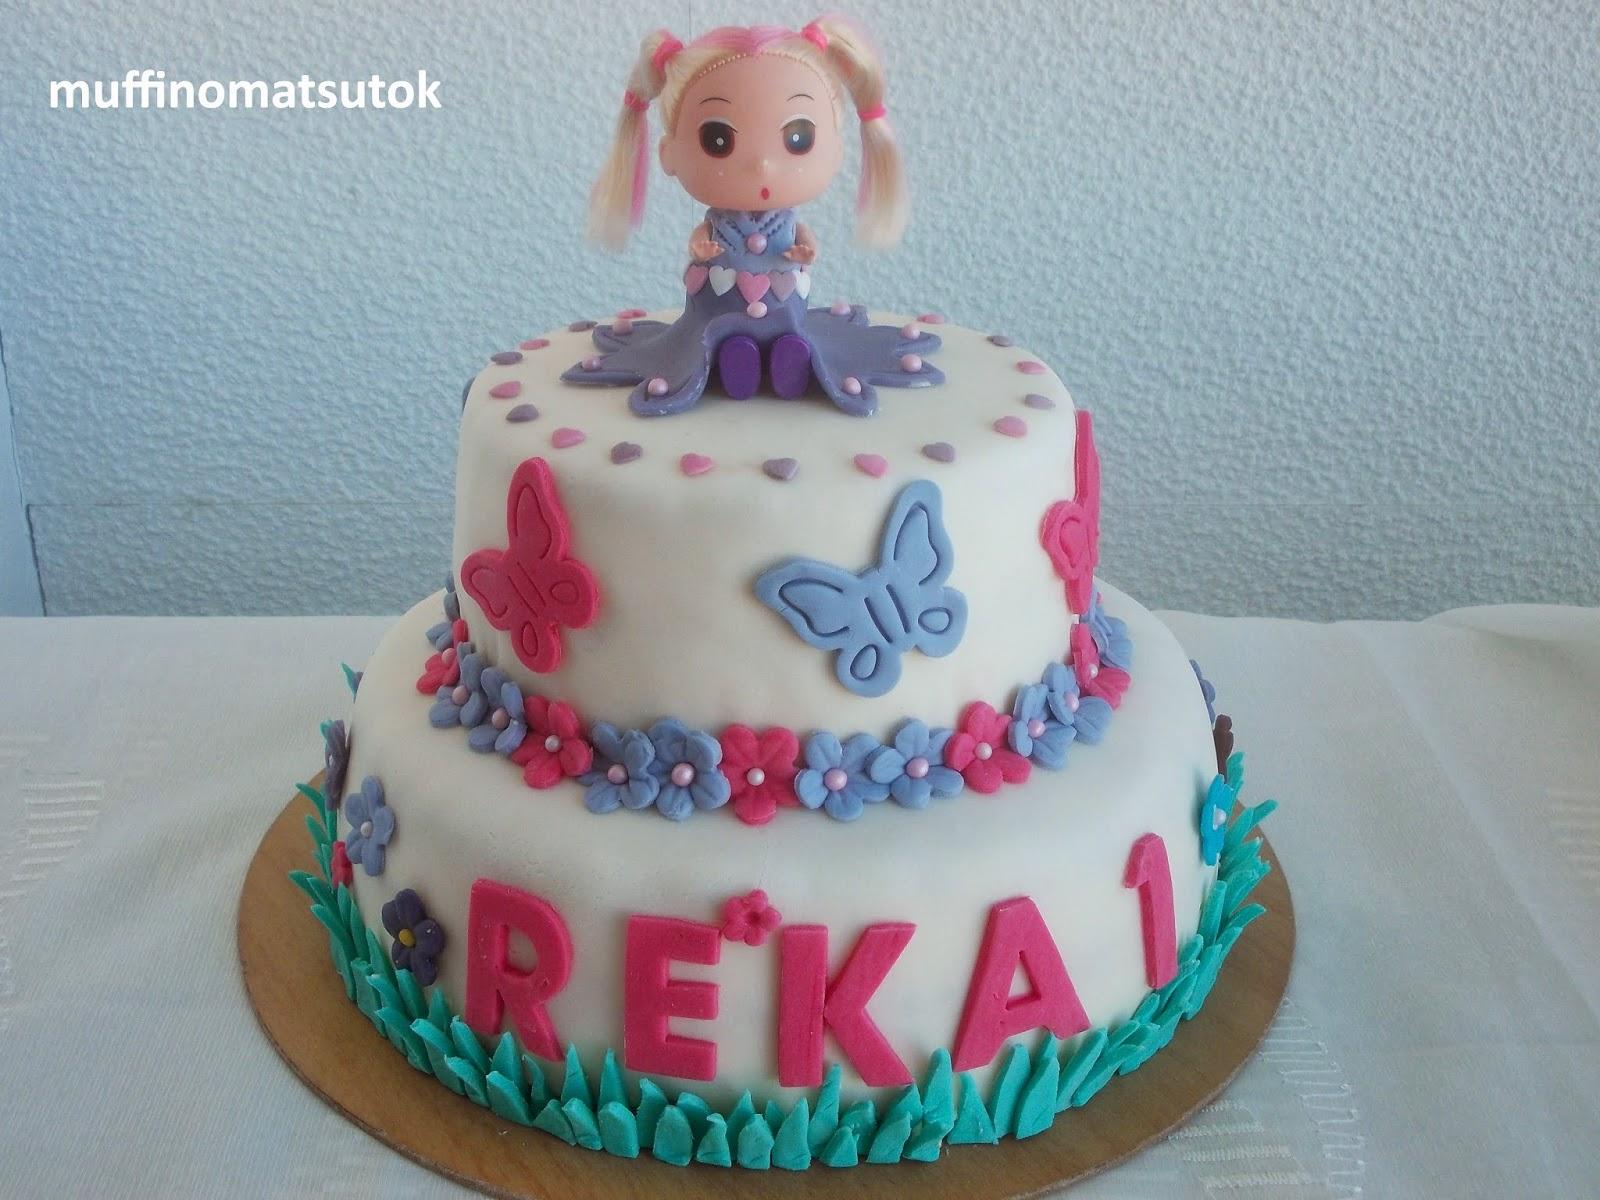 1 éves szülinapi torta Szülinapi torta Réka 1 éves. Anyukájával a tavasz 1 éves szülinapi torta